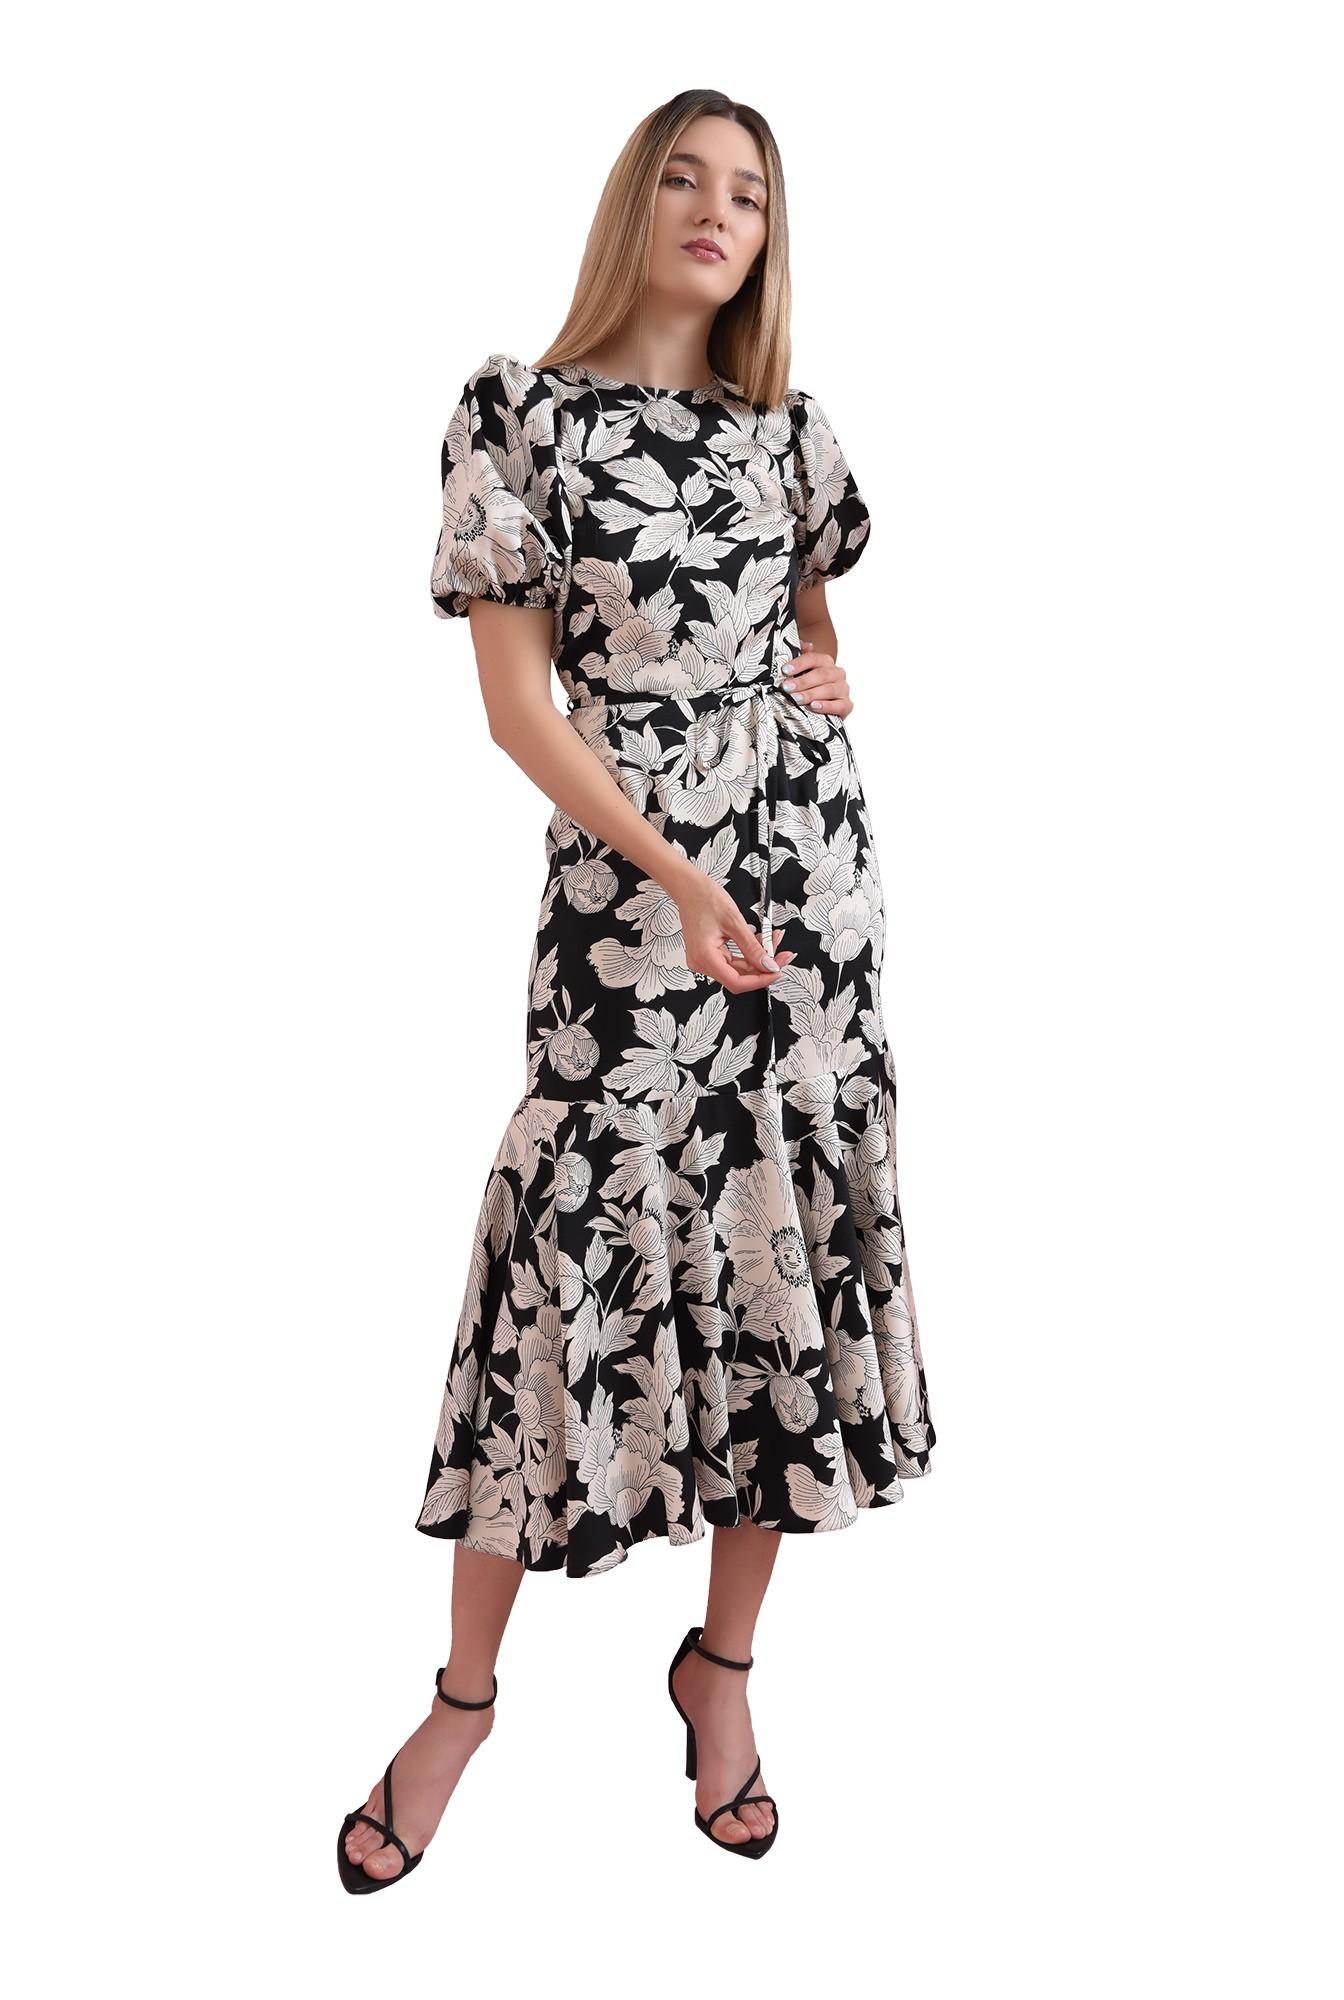 3 - rochie cu imprimeu floral, cu volan